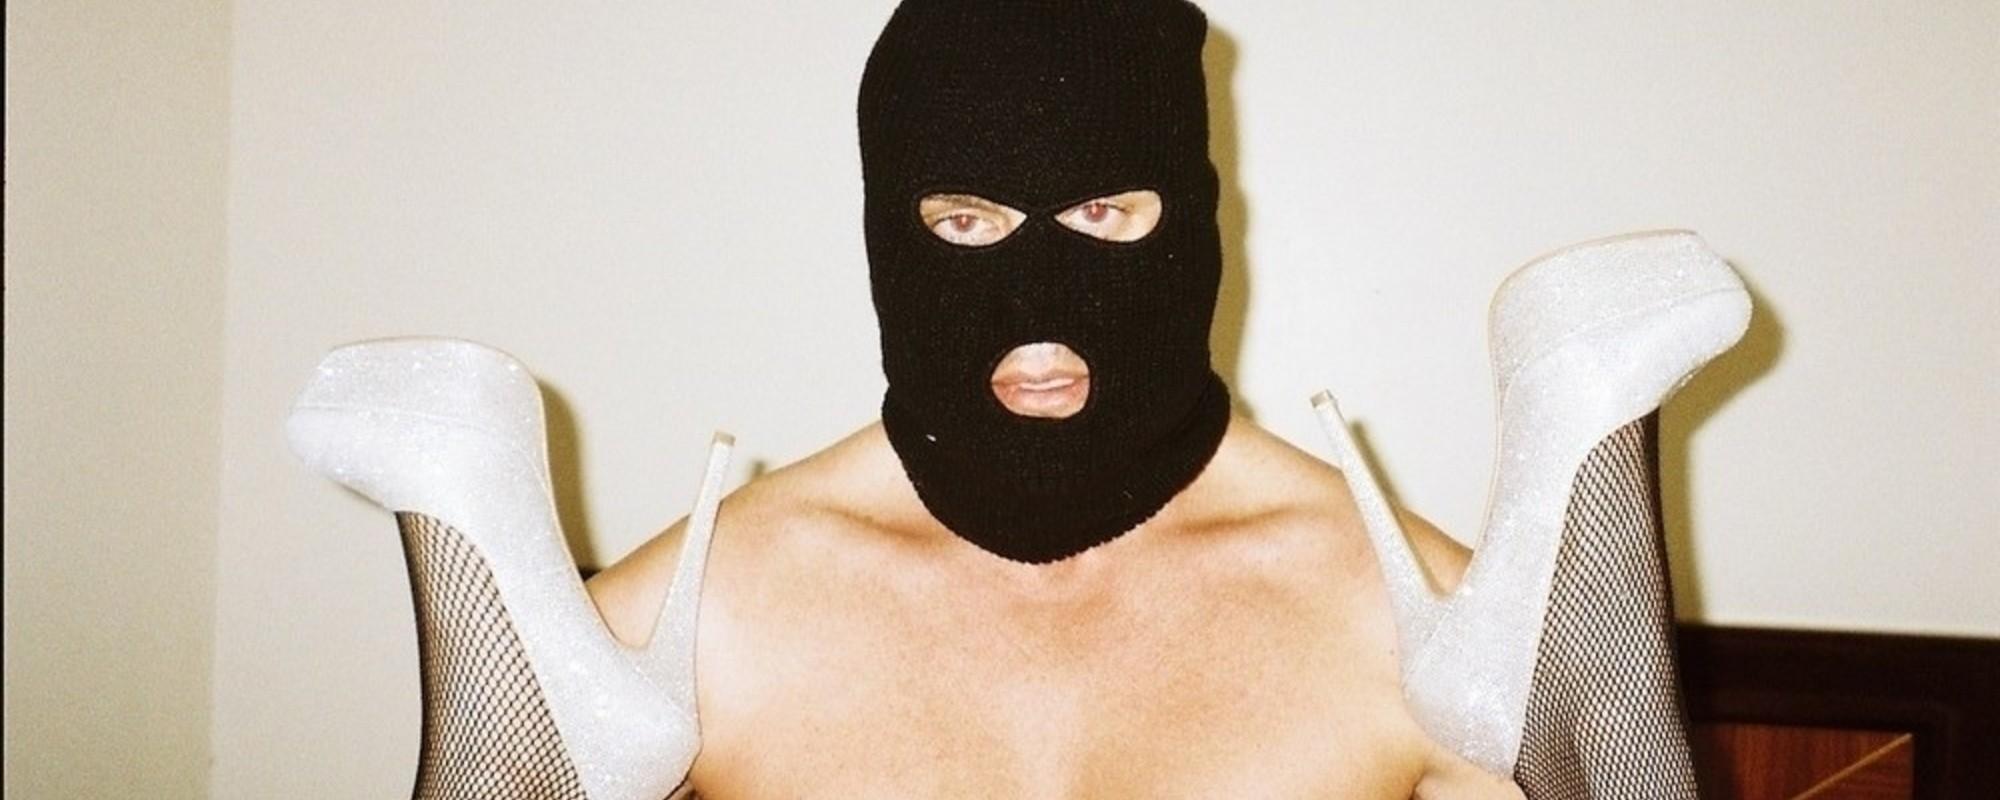 Fotografias das orgias anónimas do Craiglist